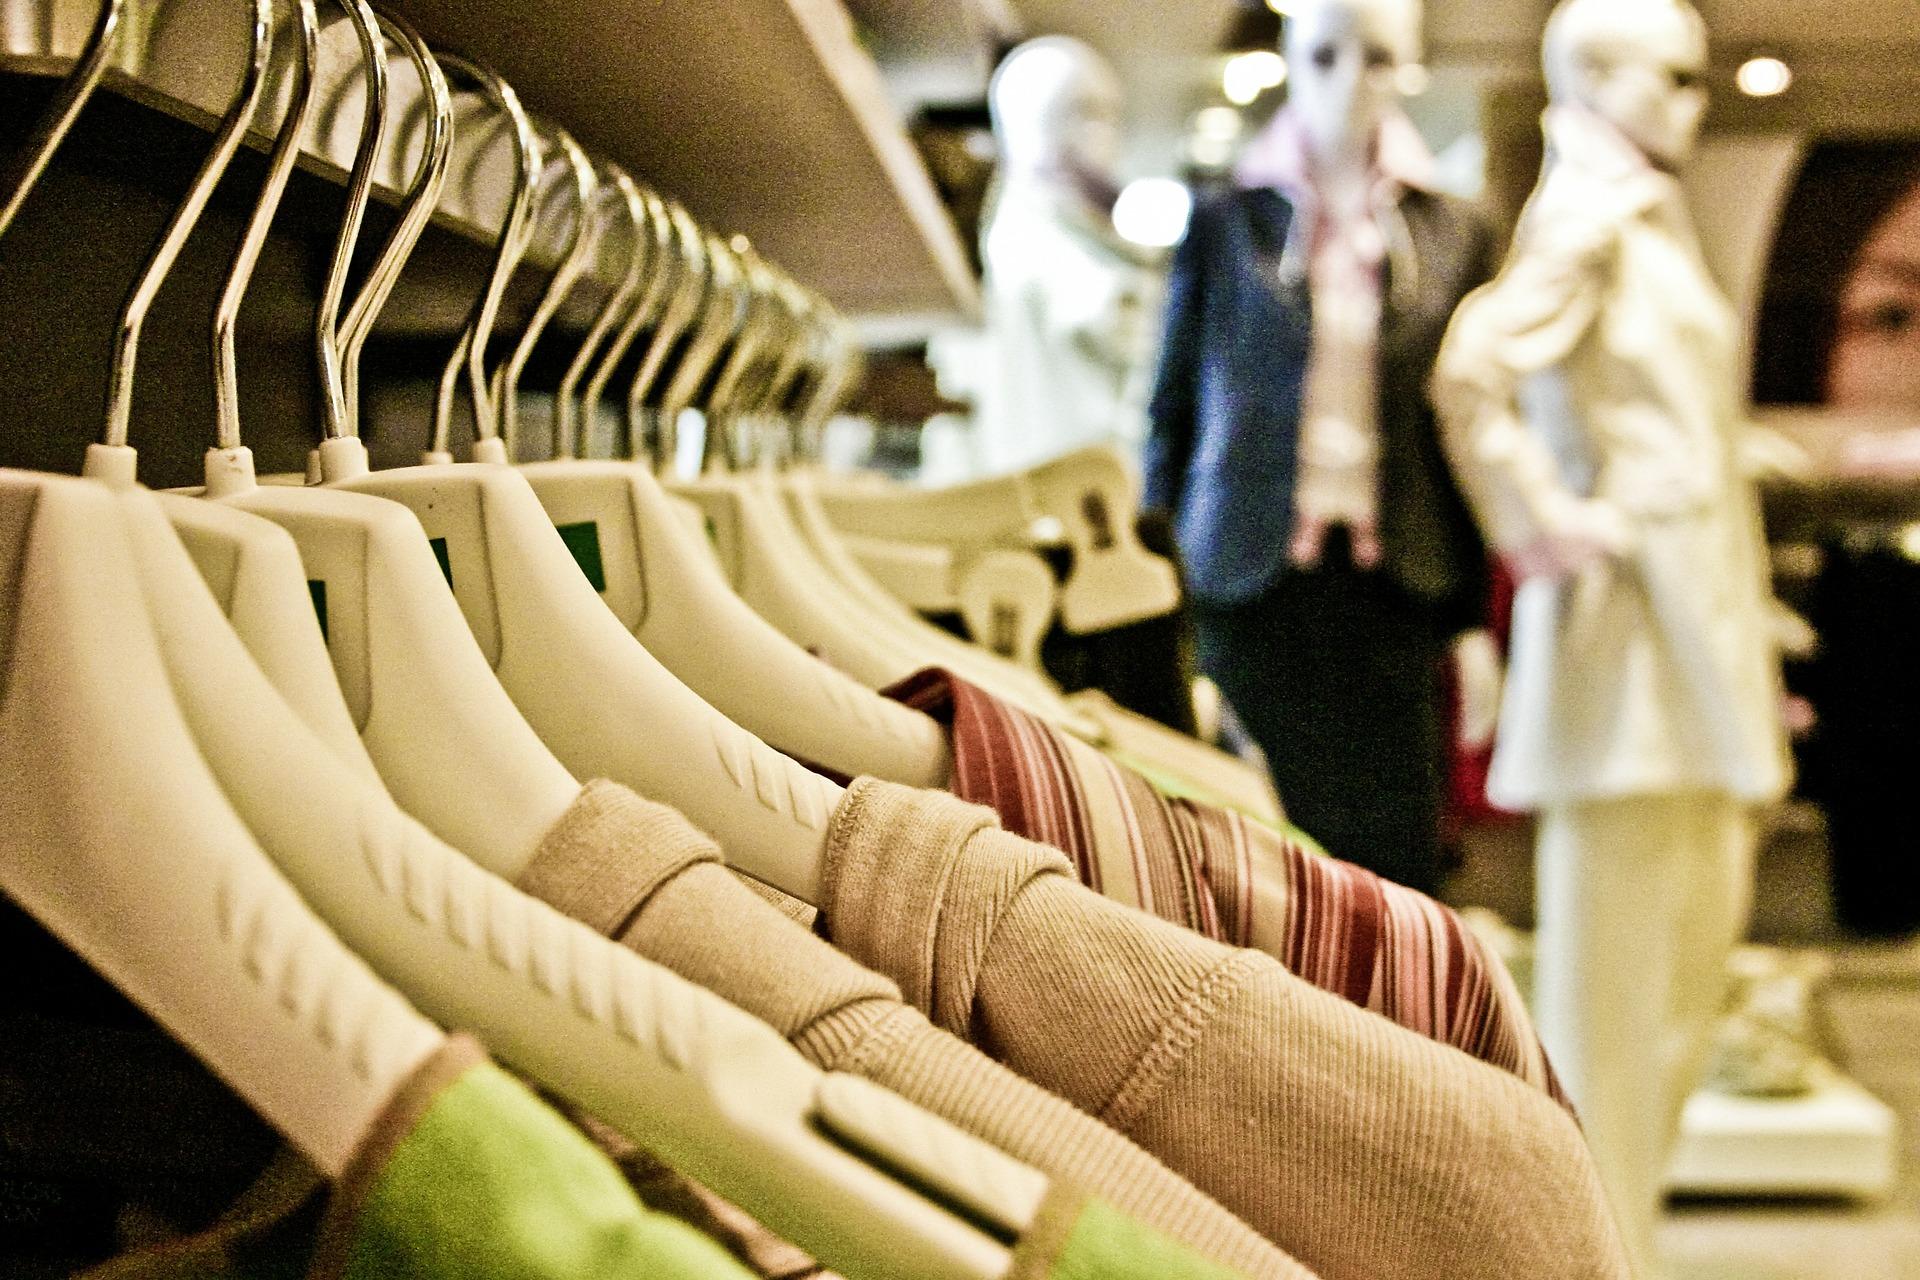 пазаруване и доставка